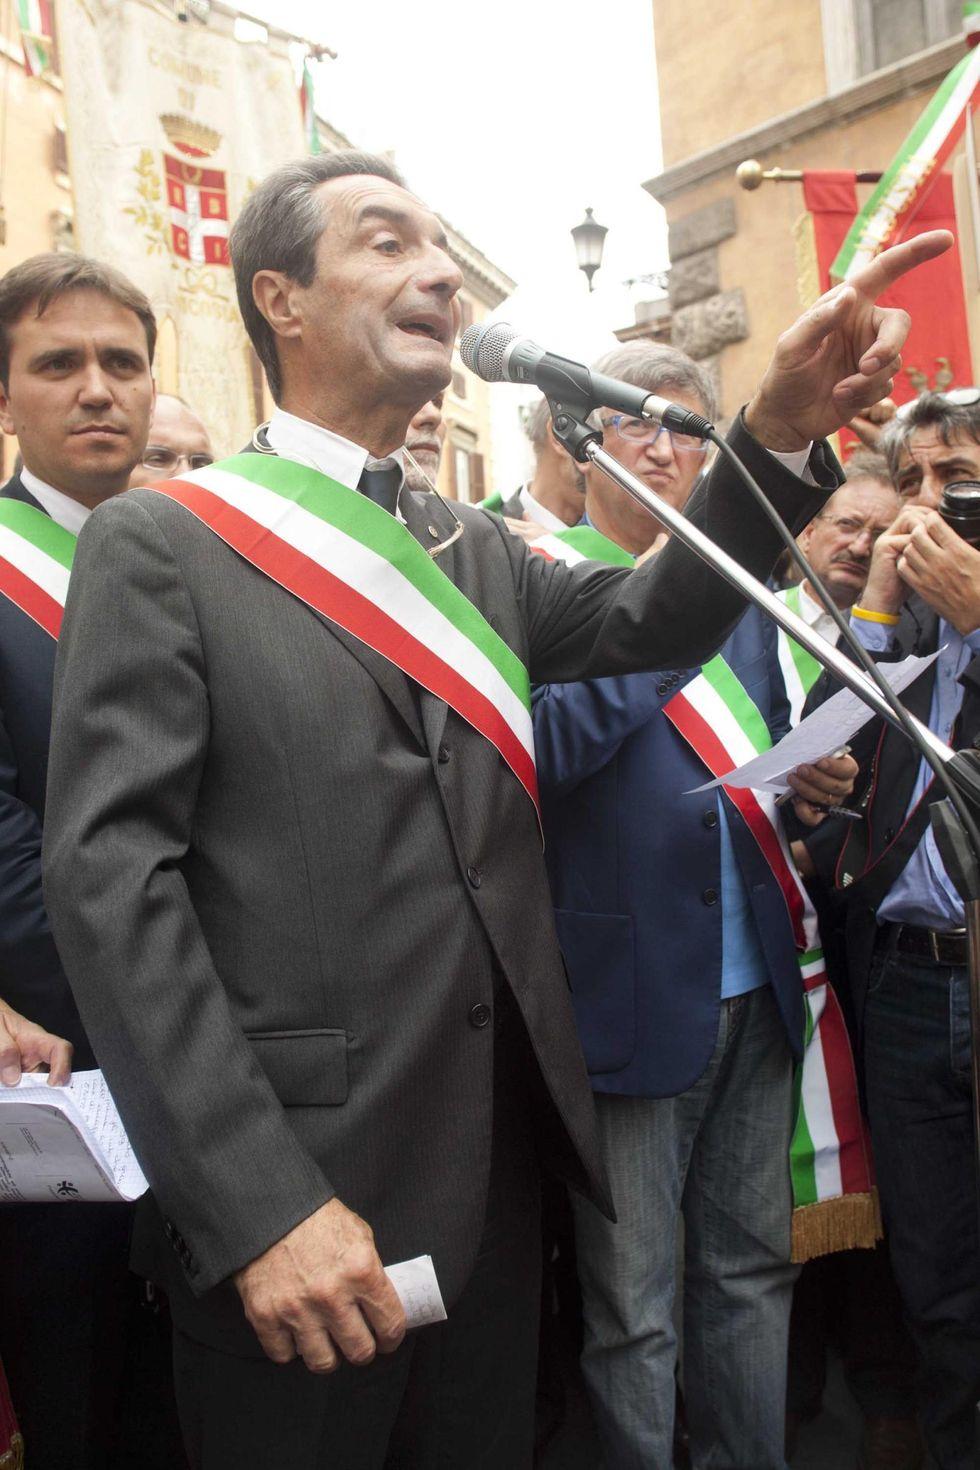 'Varese? Un buon esempio'